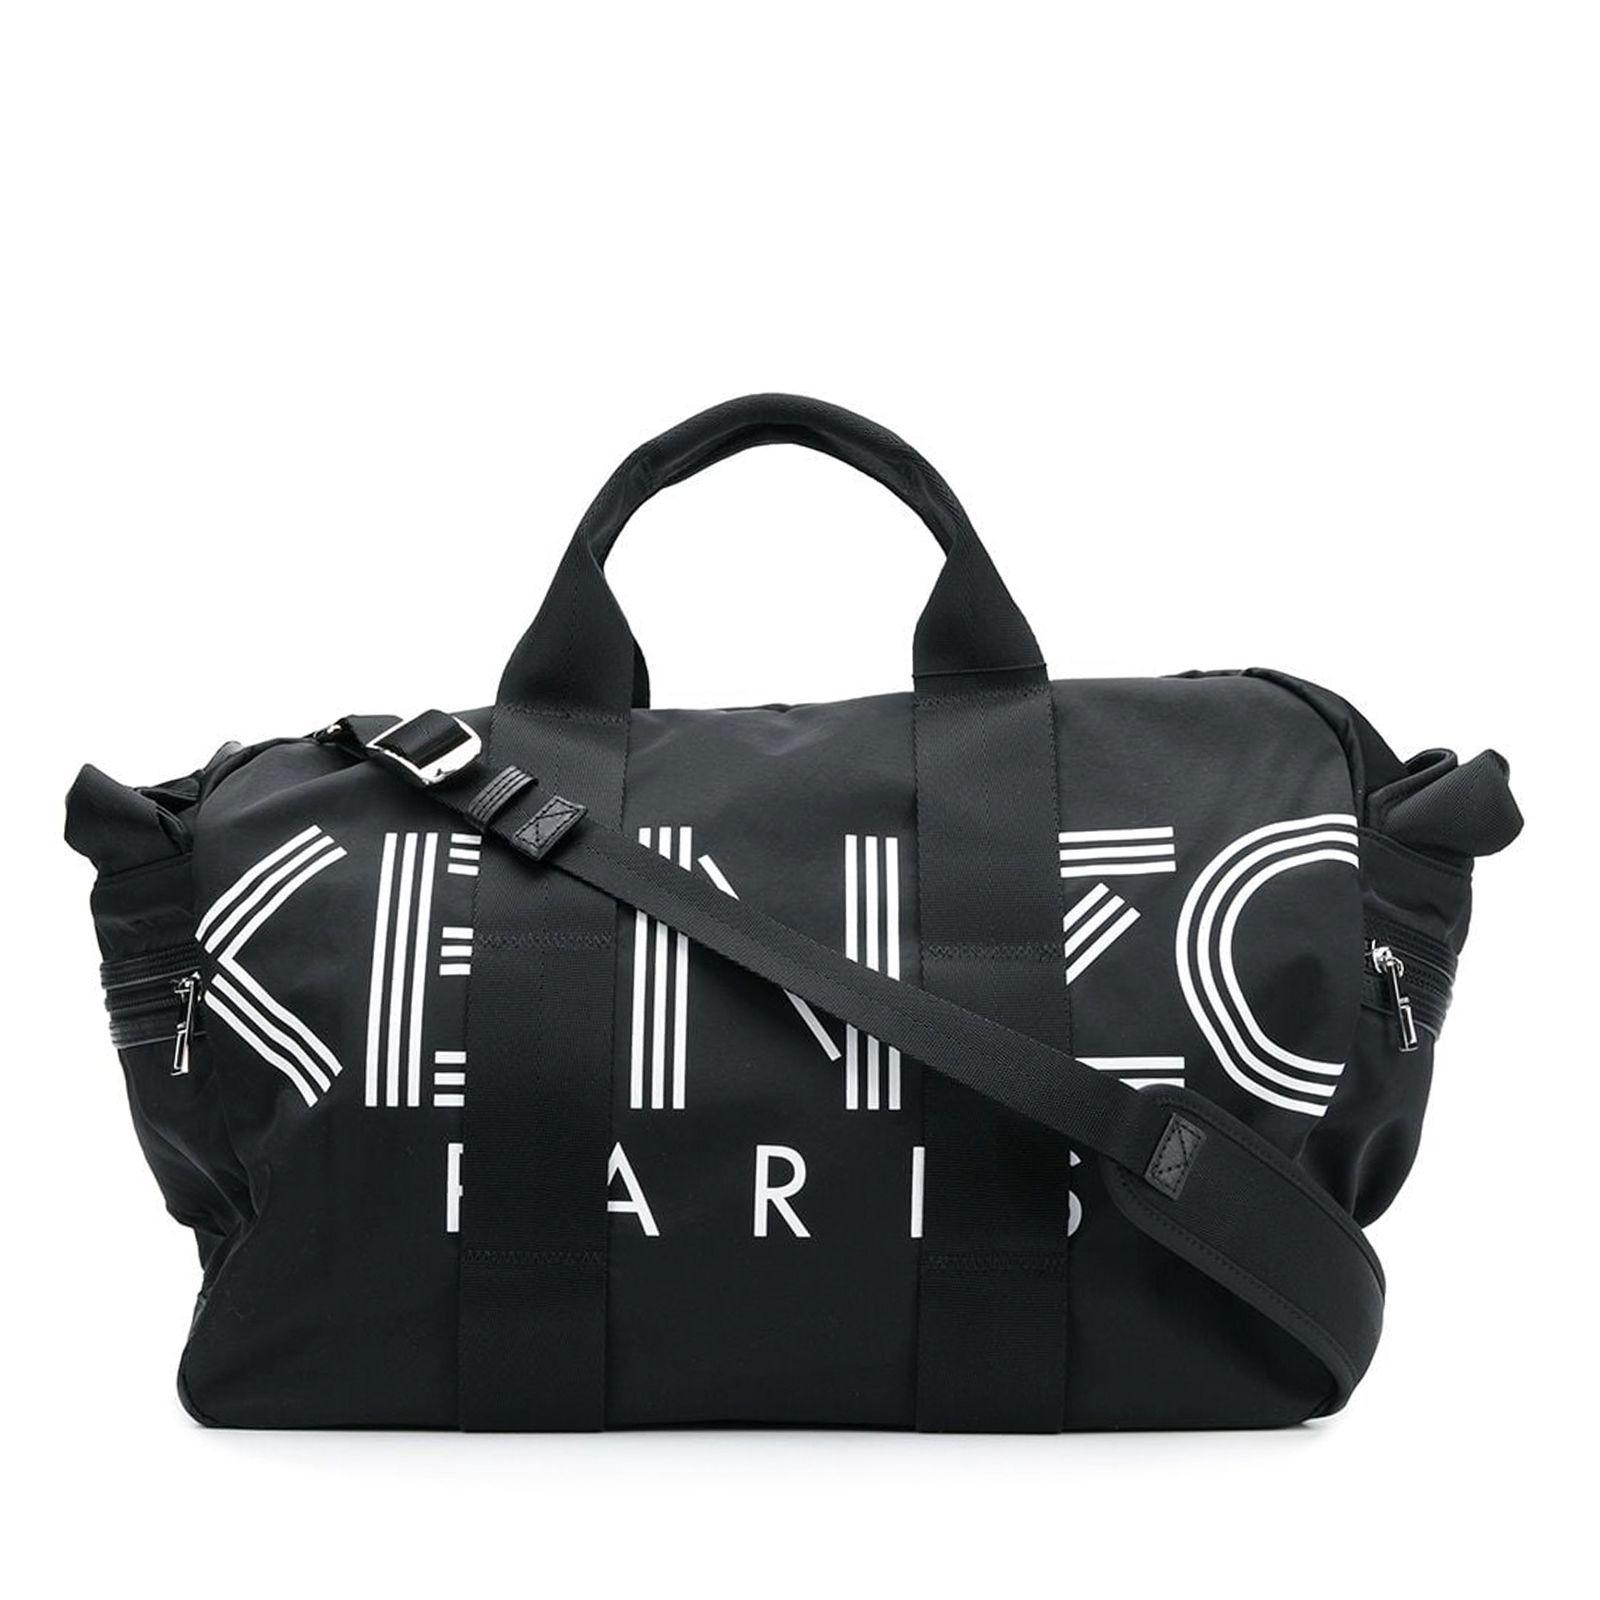 6652c4d590 Taška s logem KENZO – Kup teď! Nejlepší ceny a recenze! Obchod ...